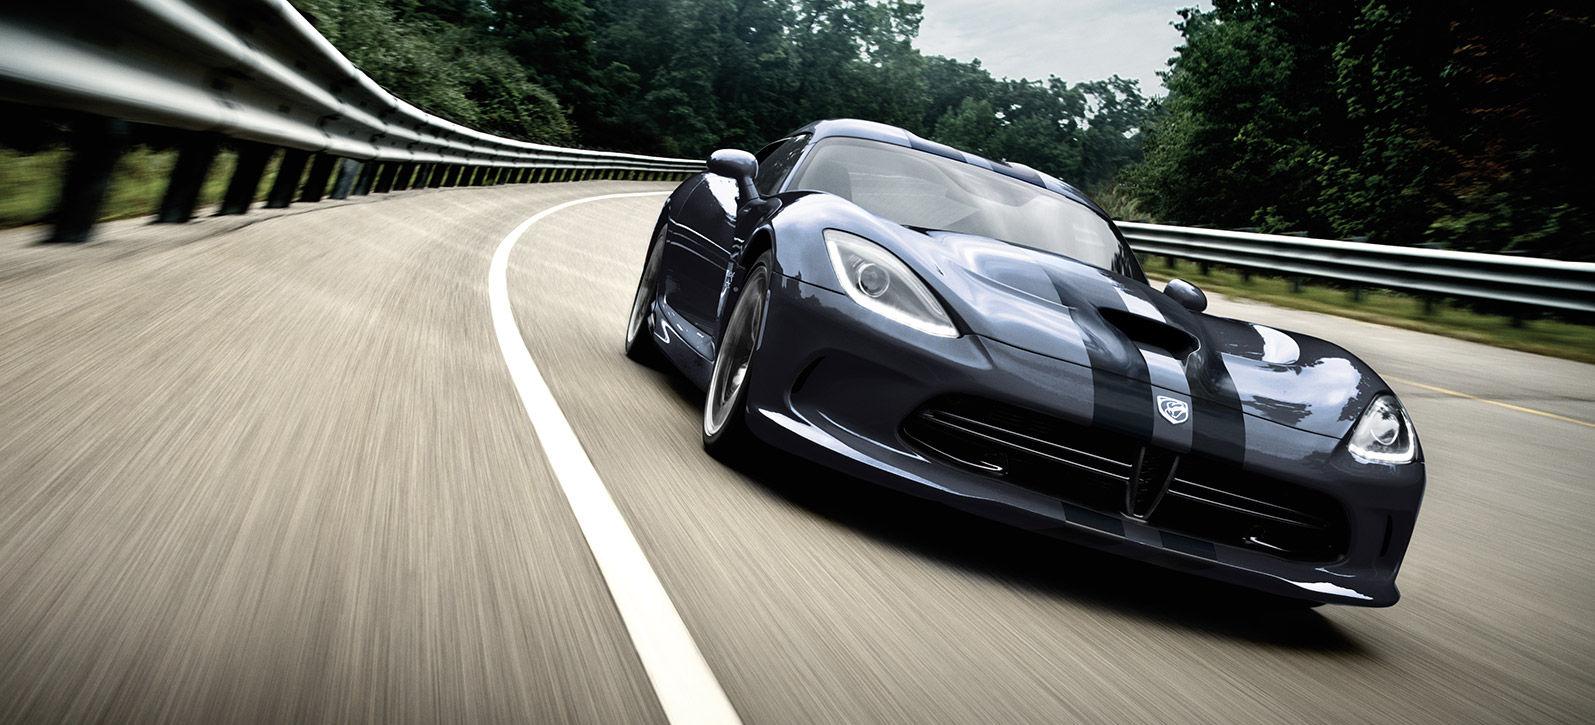 New Dodge Viper Exterior image 1